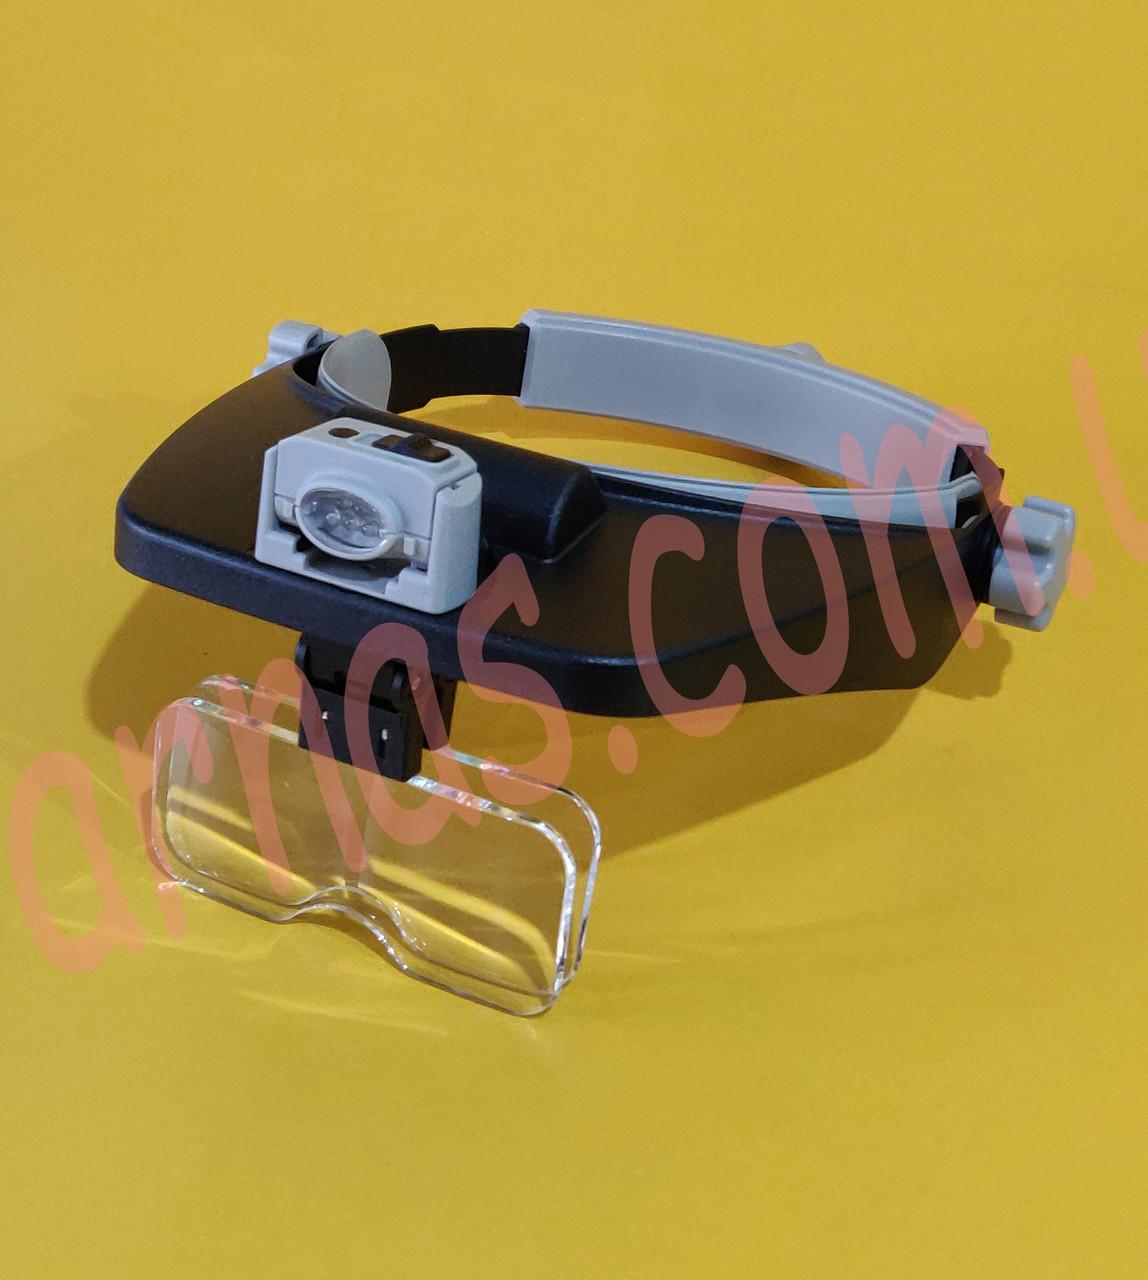 Бинокуляр очки бинокулярные со светодиодной подсветкой MG81001(RD)